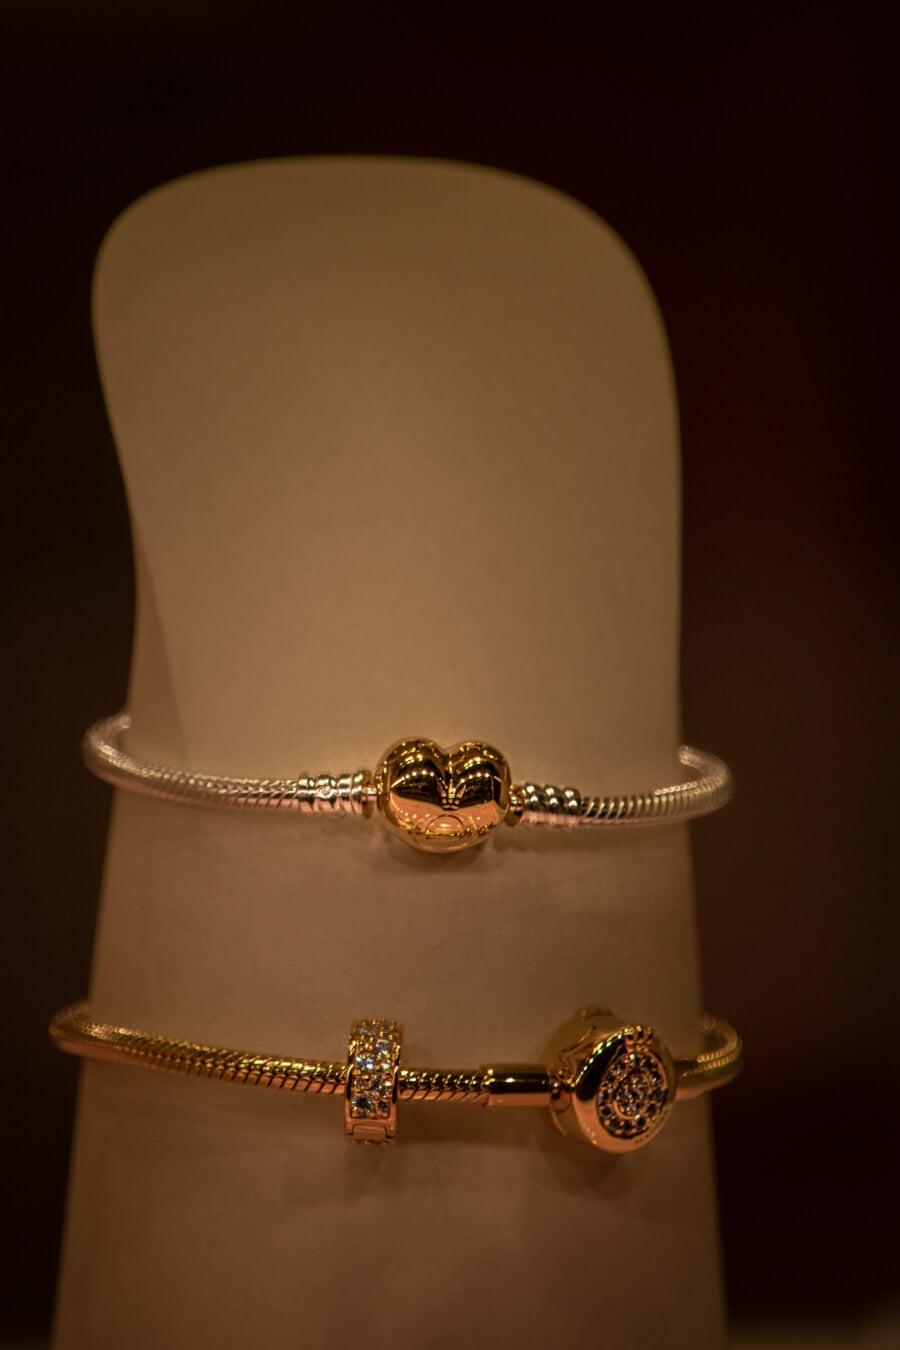 brillante, éclat doré, Collier, FLARE, or, bijoux, mode, luxe, jeune fille, élégant